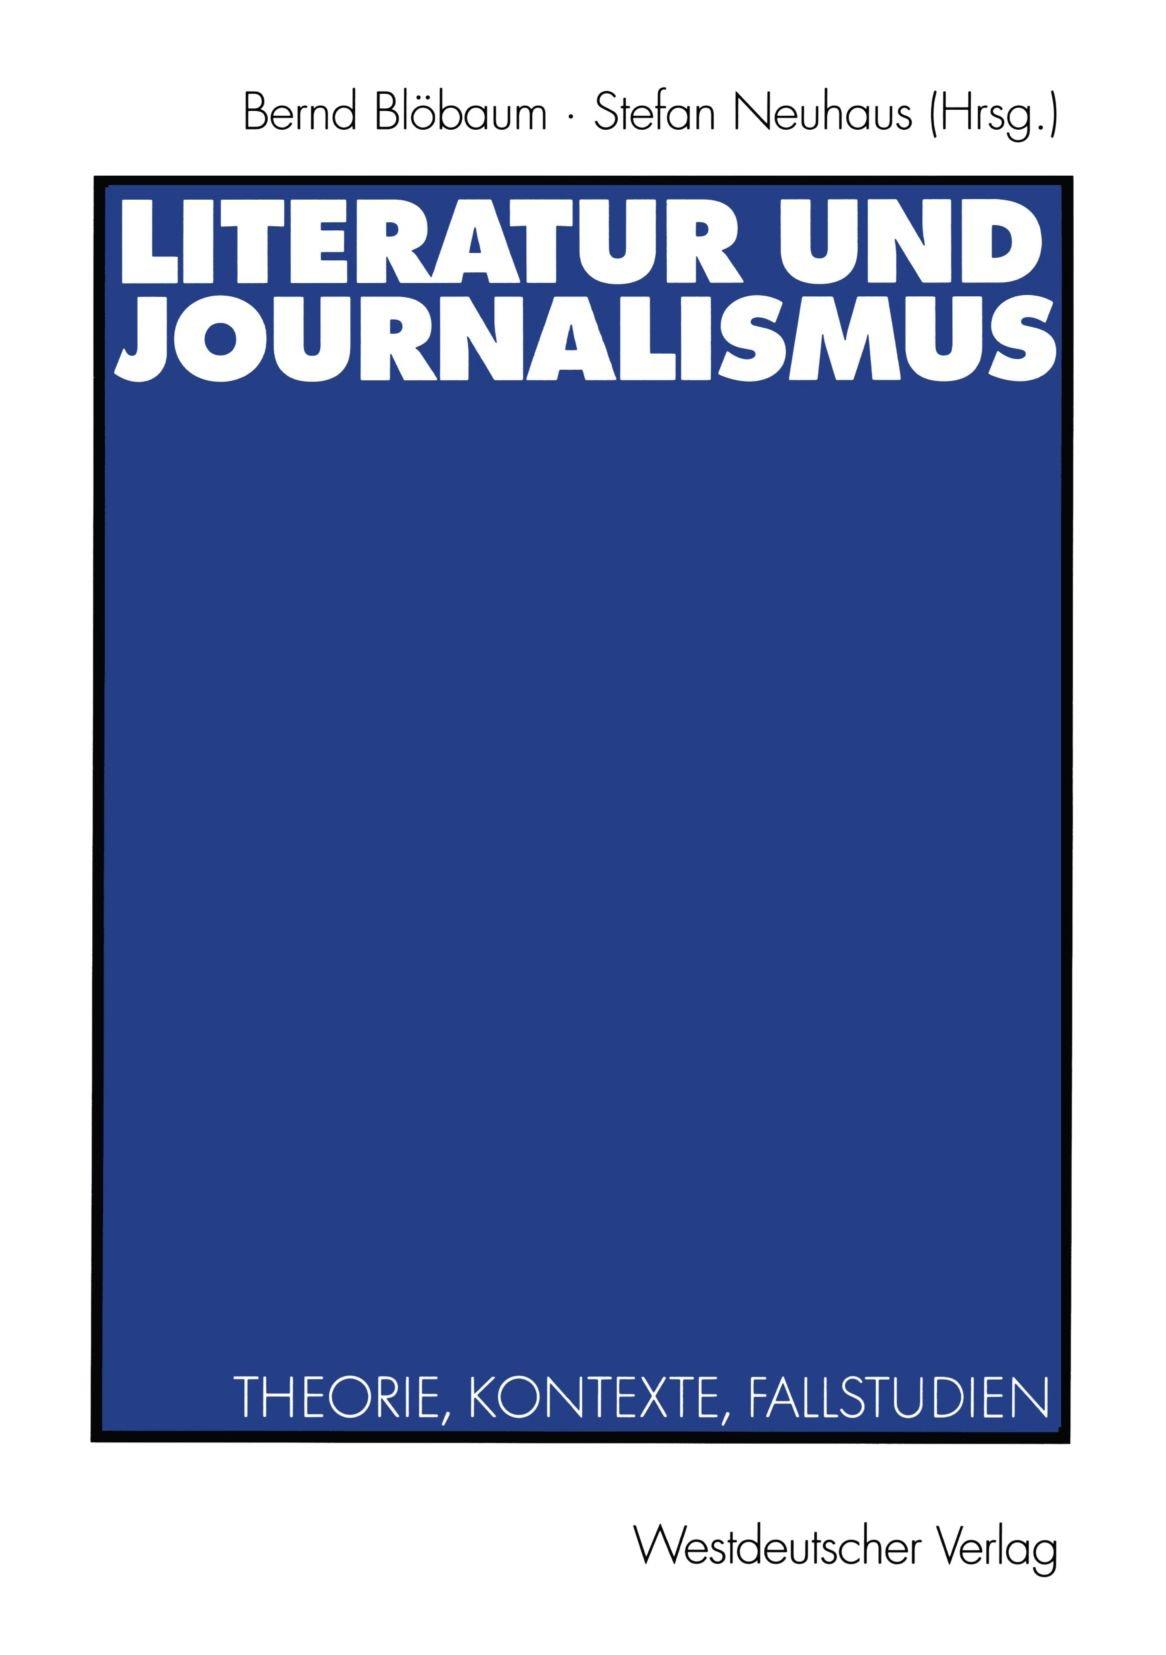 literatur-und-journalismus-theorie-kontexte-fallstudien